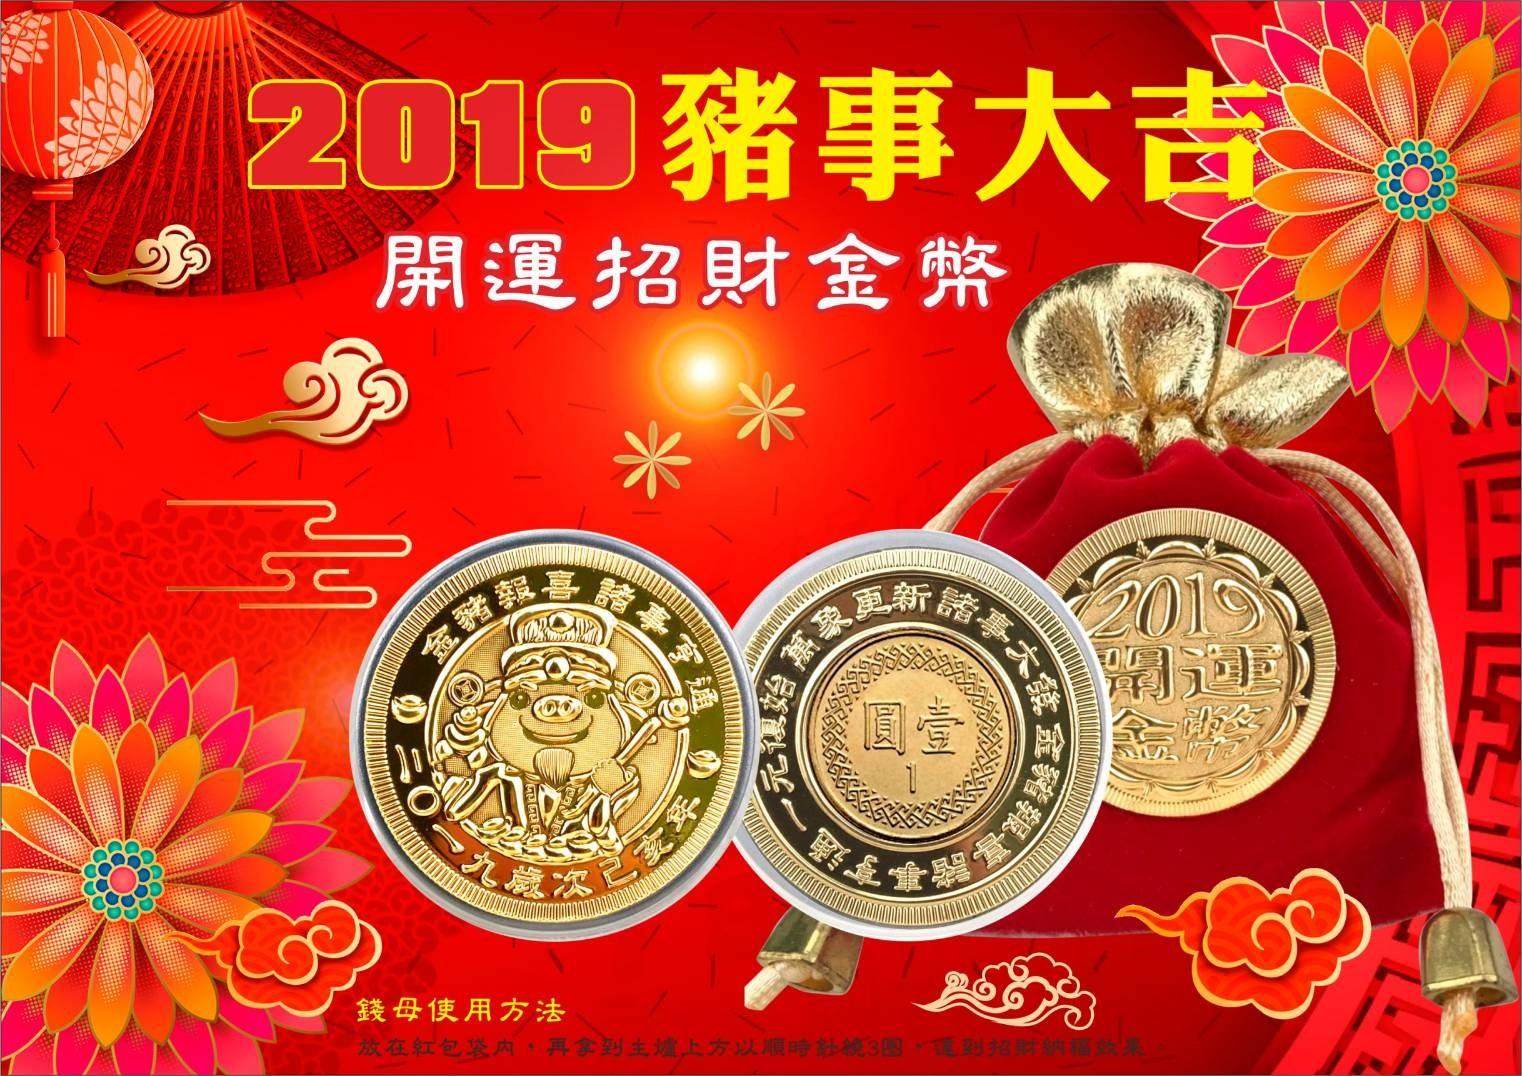 台灣製造財神豬金幣  獨賣款式 收藏自用 送禮兩相宜